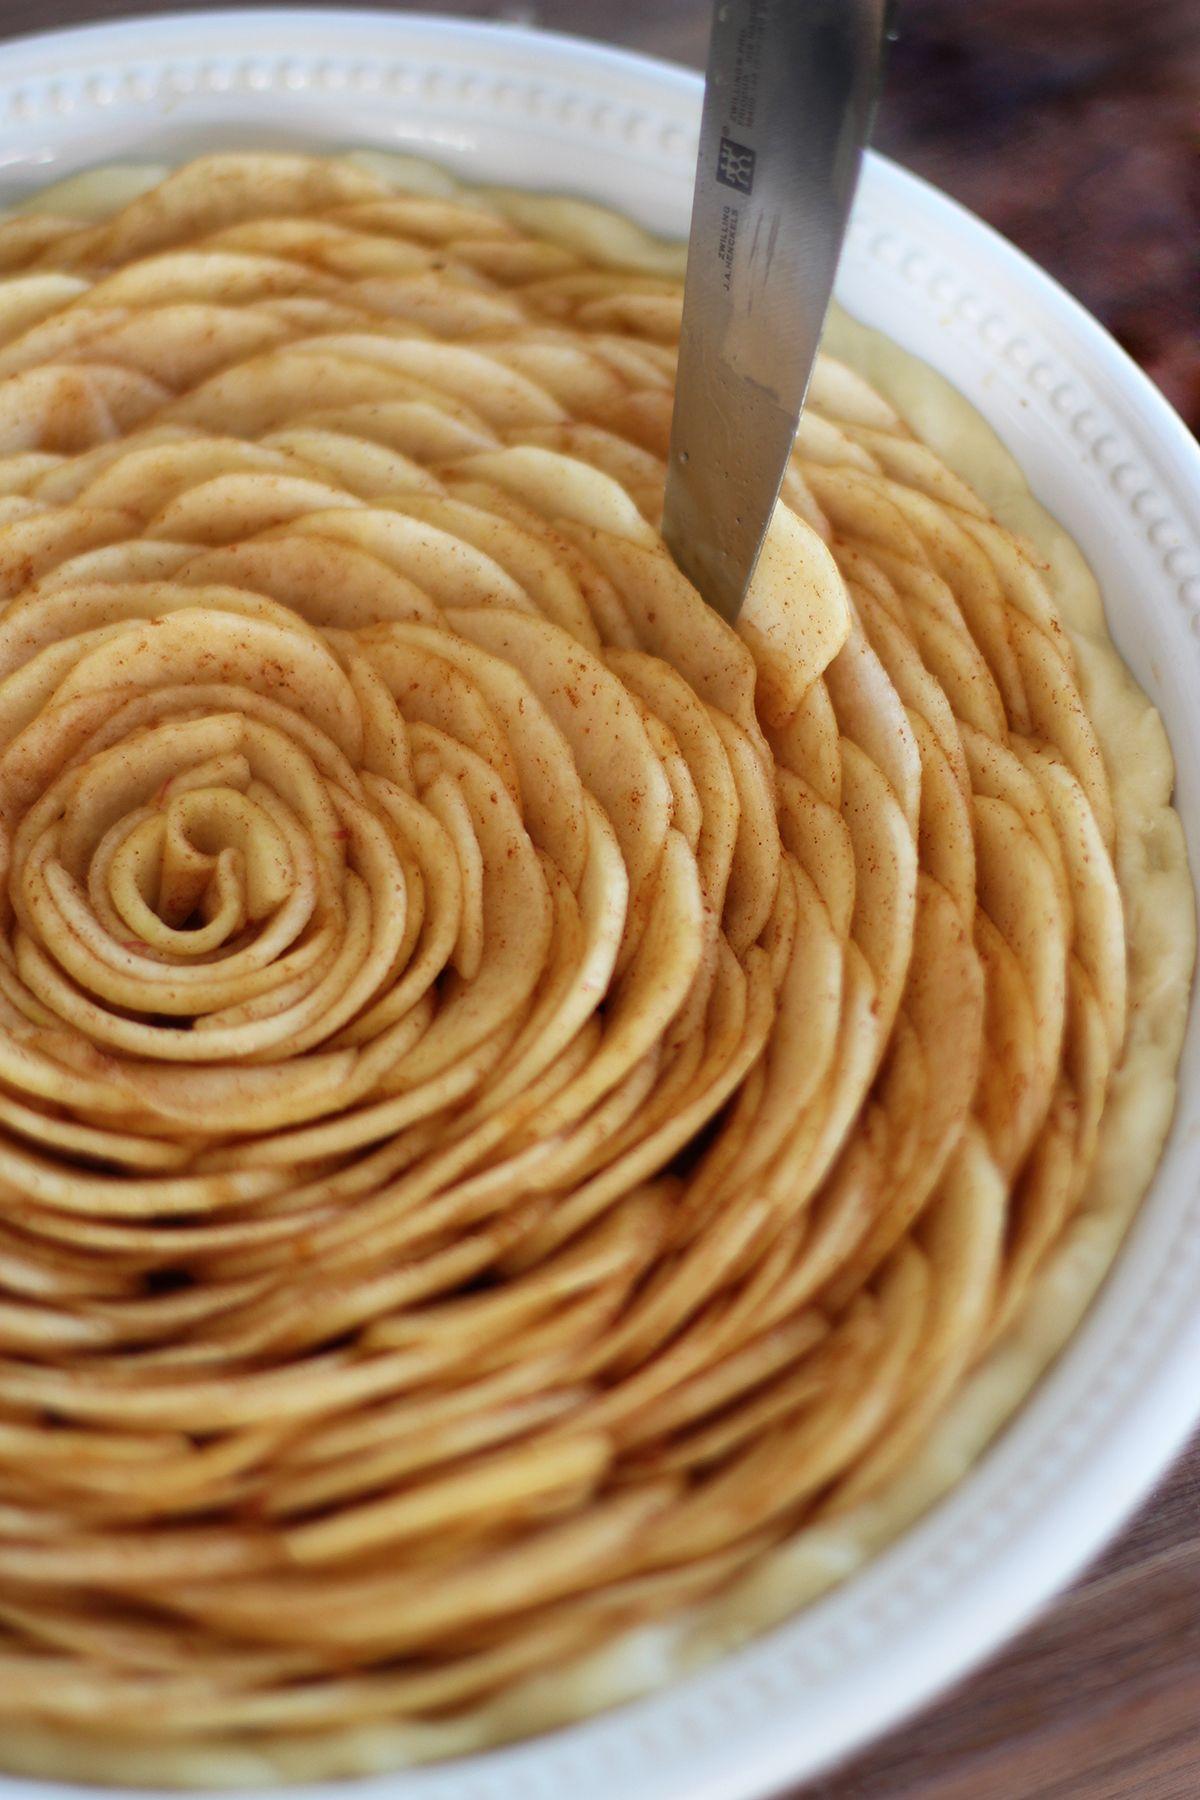 Apple pie recipe - BBC Food